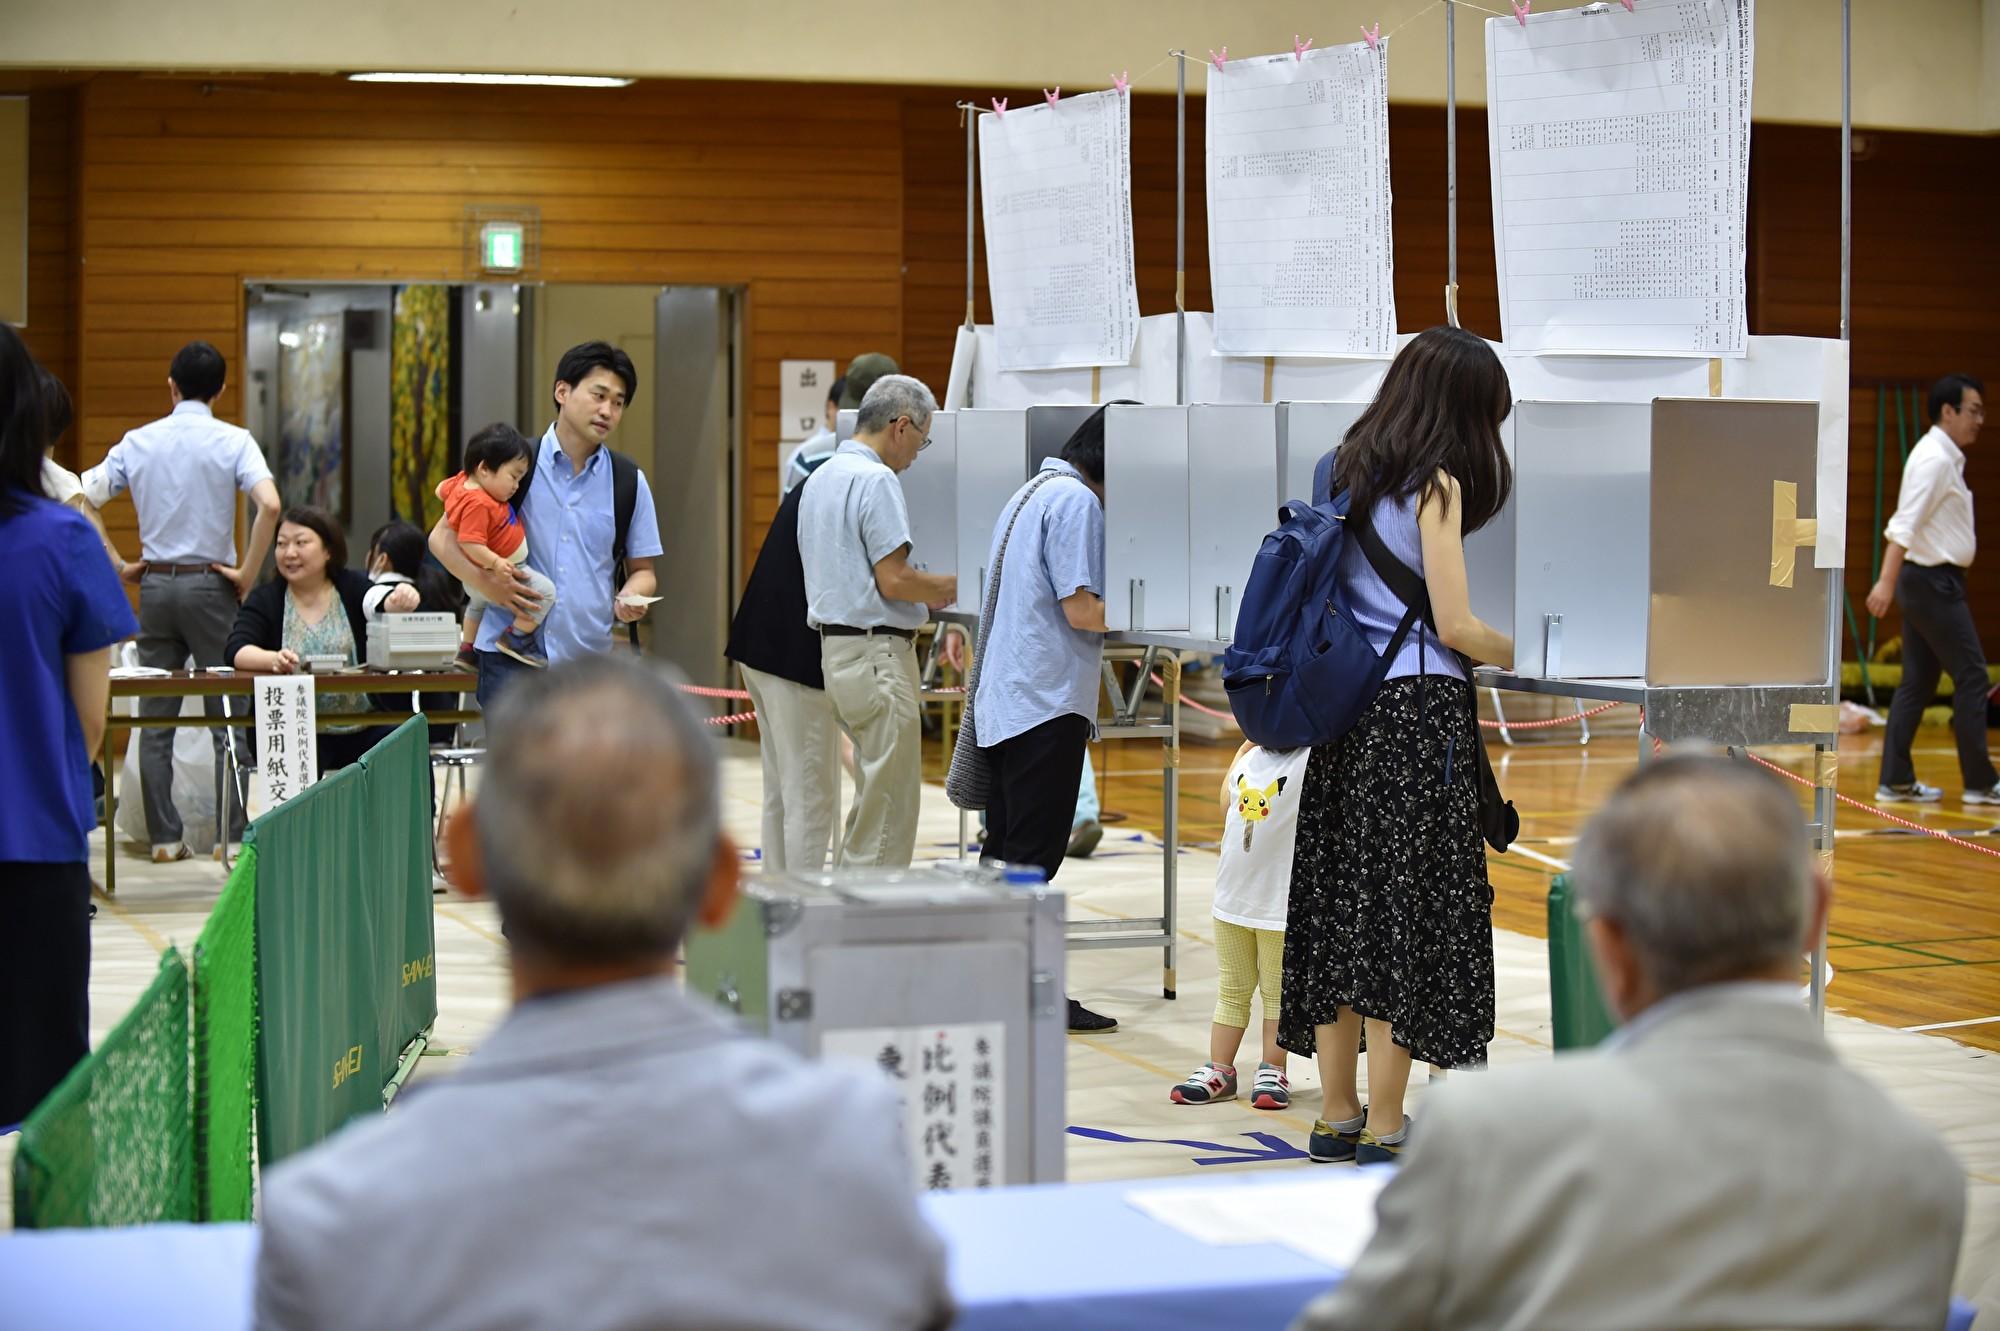 日本參院21日大選 執政聯盟拿到過半席次